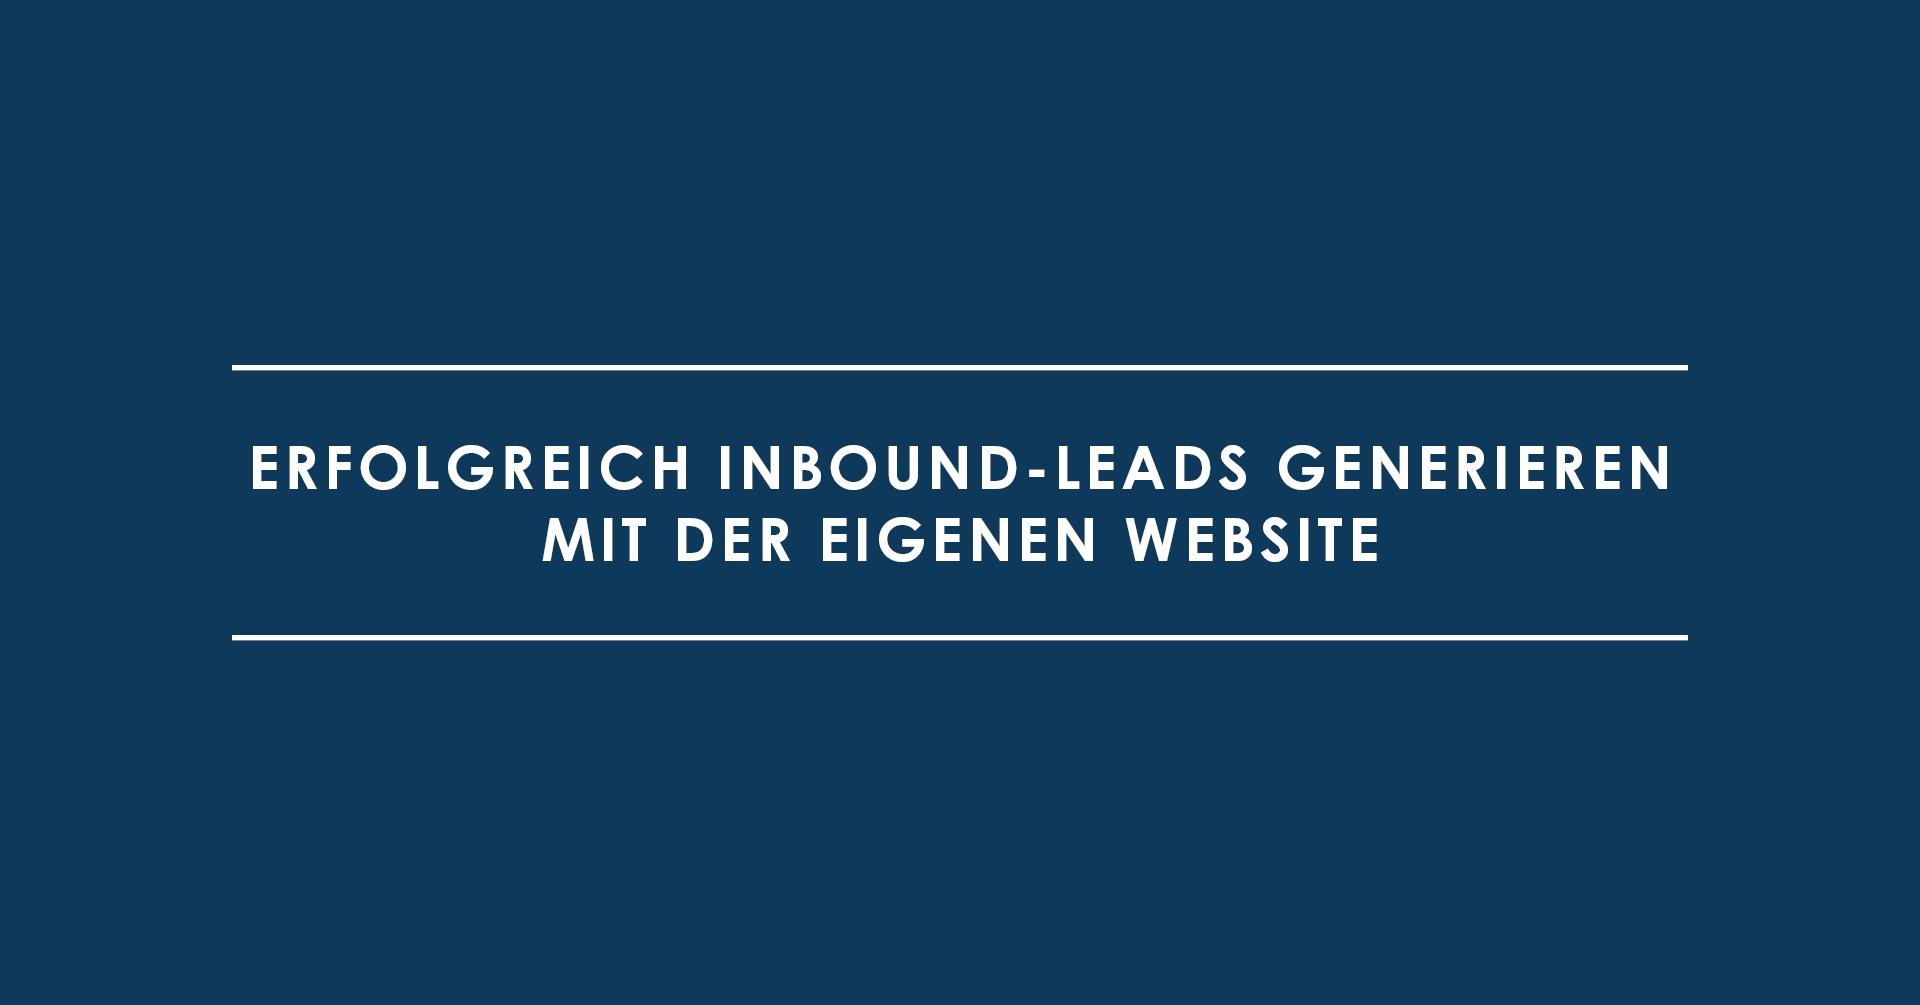 Erfolgreich Inbound-Leads generieren mit der eigenen Website